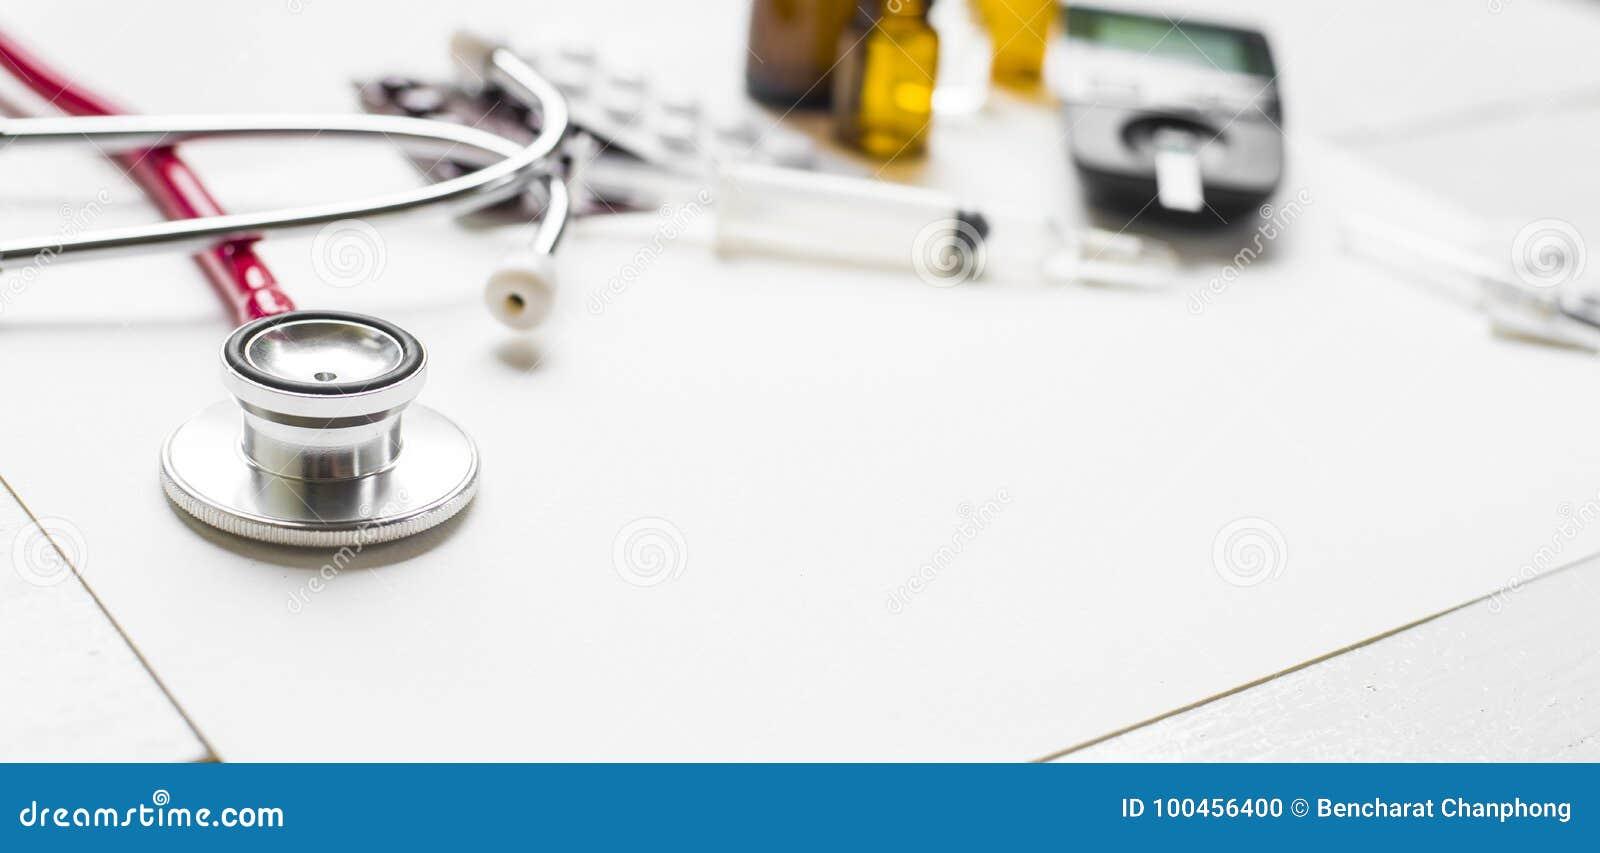 医学糖尿病广告和医疗保健概念